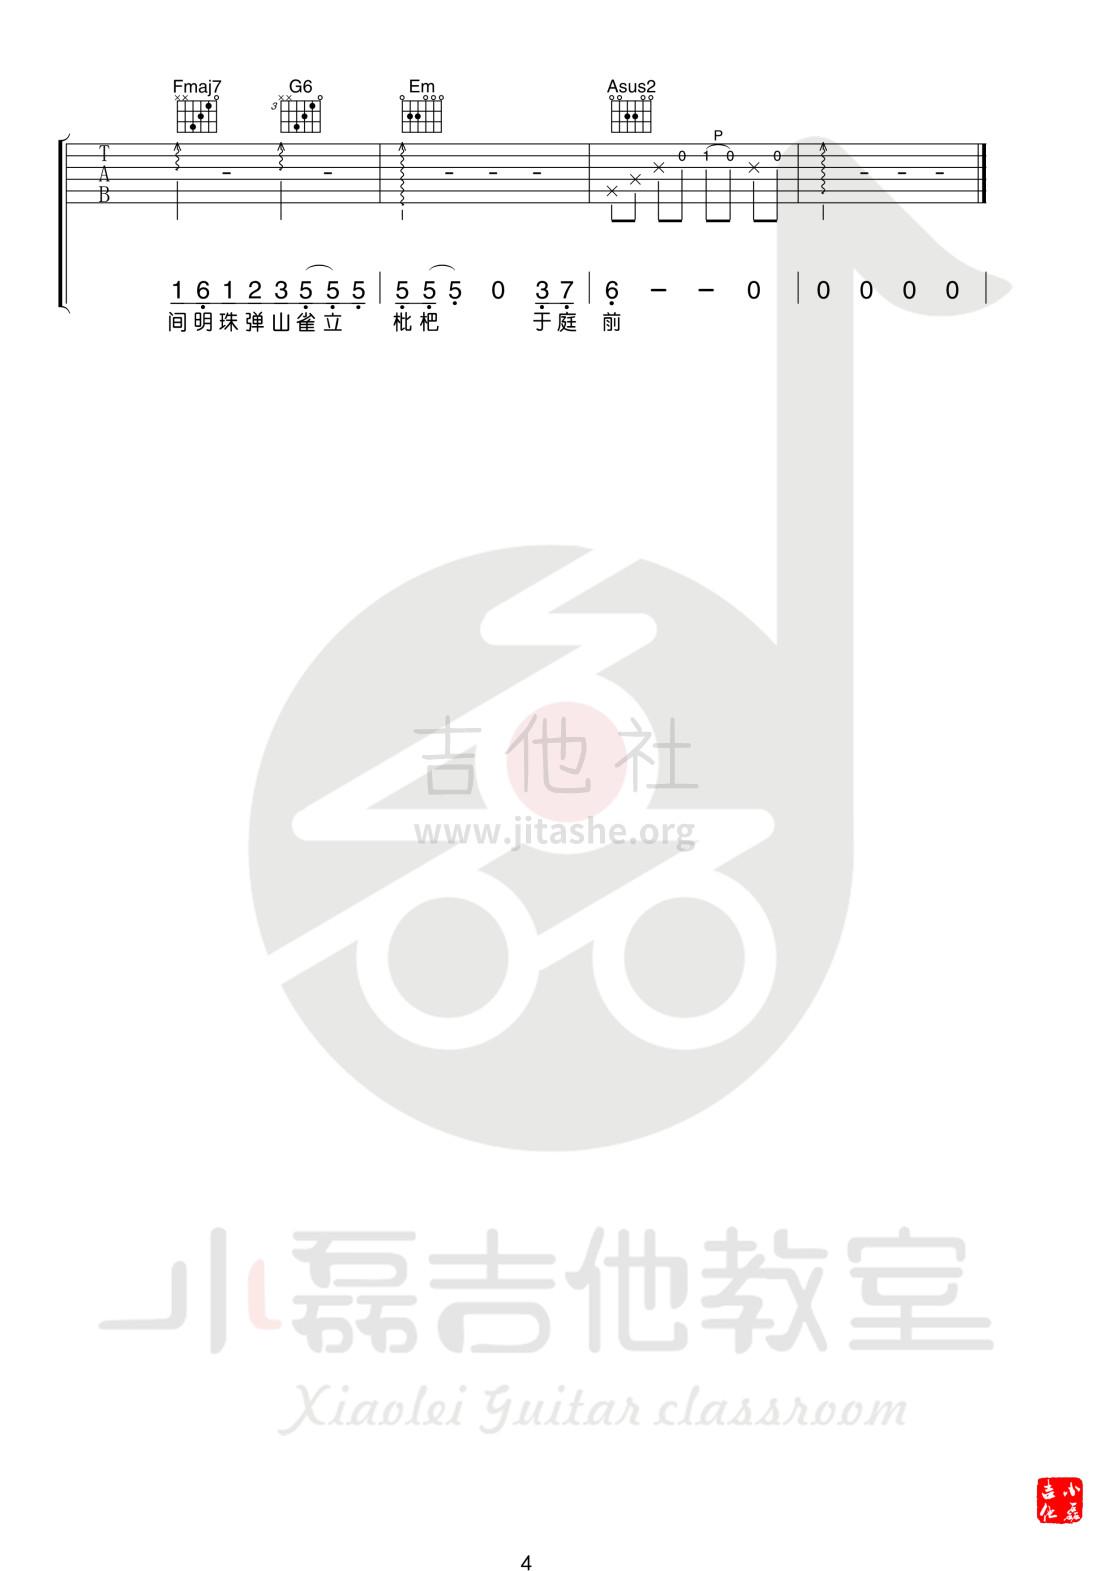 盗将行(小磊吉他教室出品)吉他谱(图片谱,弹唱,教学)_花粥_盗将行2_4.jpg